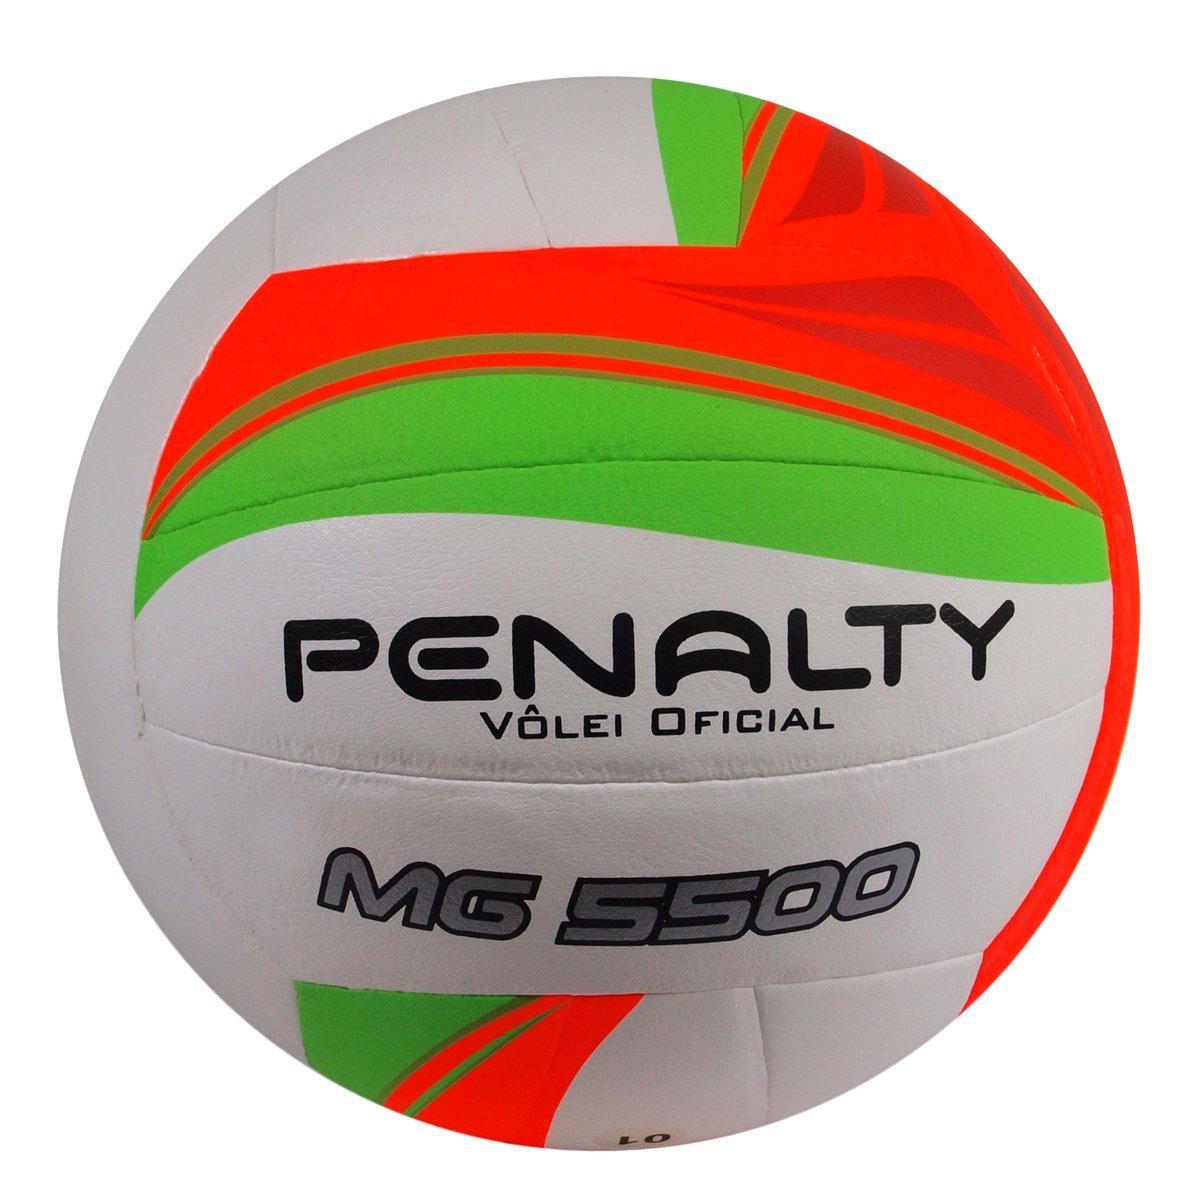 PENALTY Balón de Voleibol: Amazon.es: Deportes y aire libre